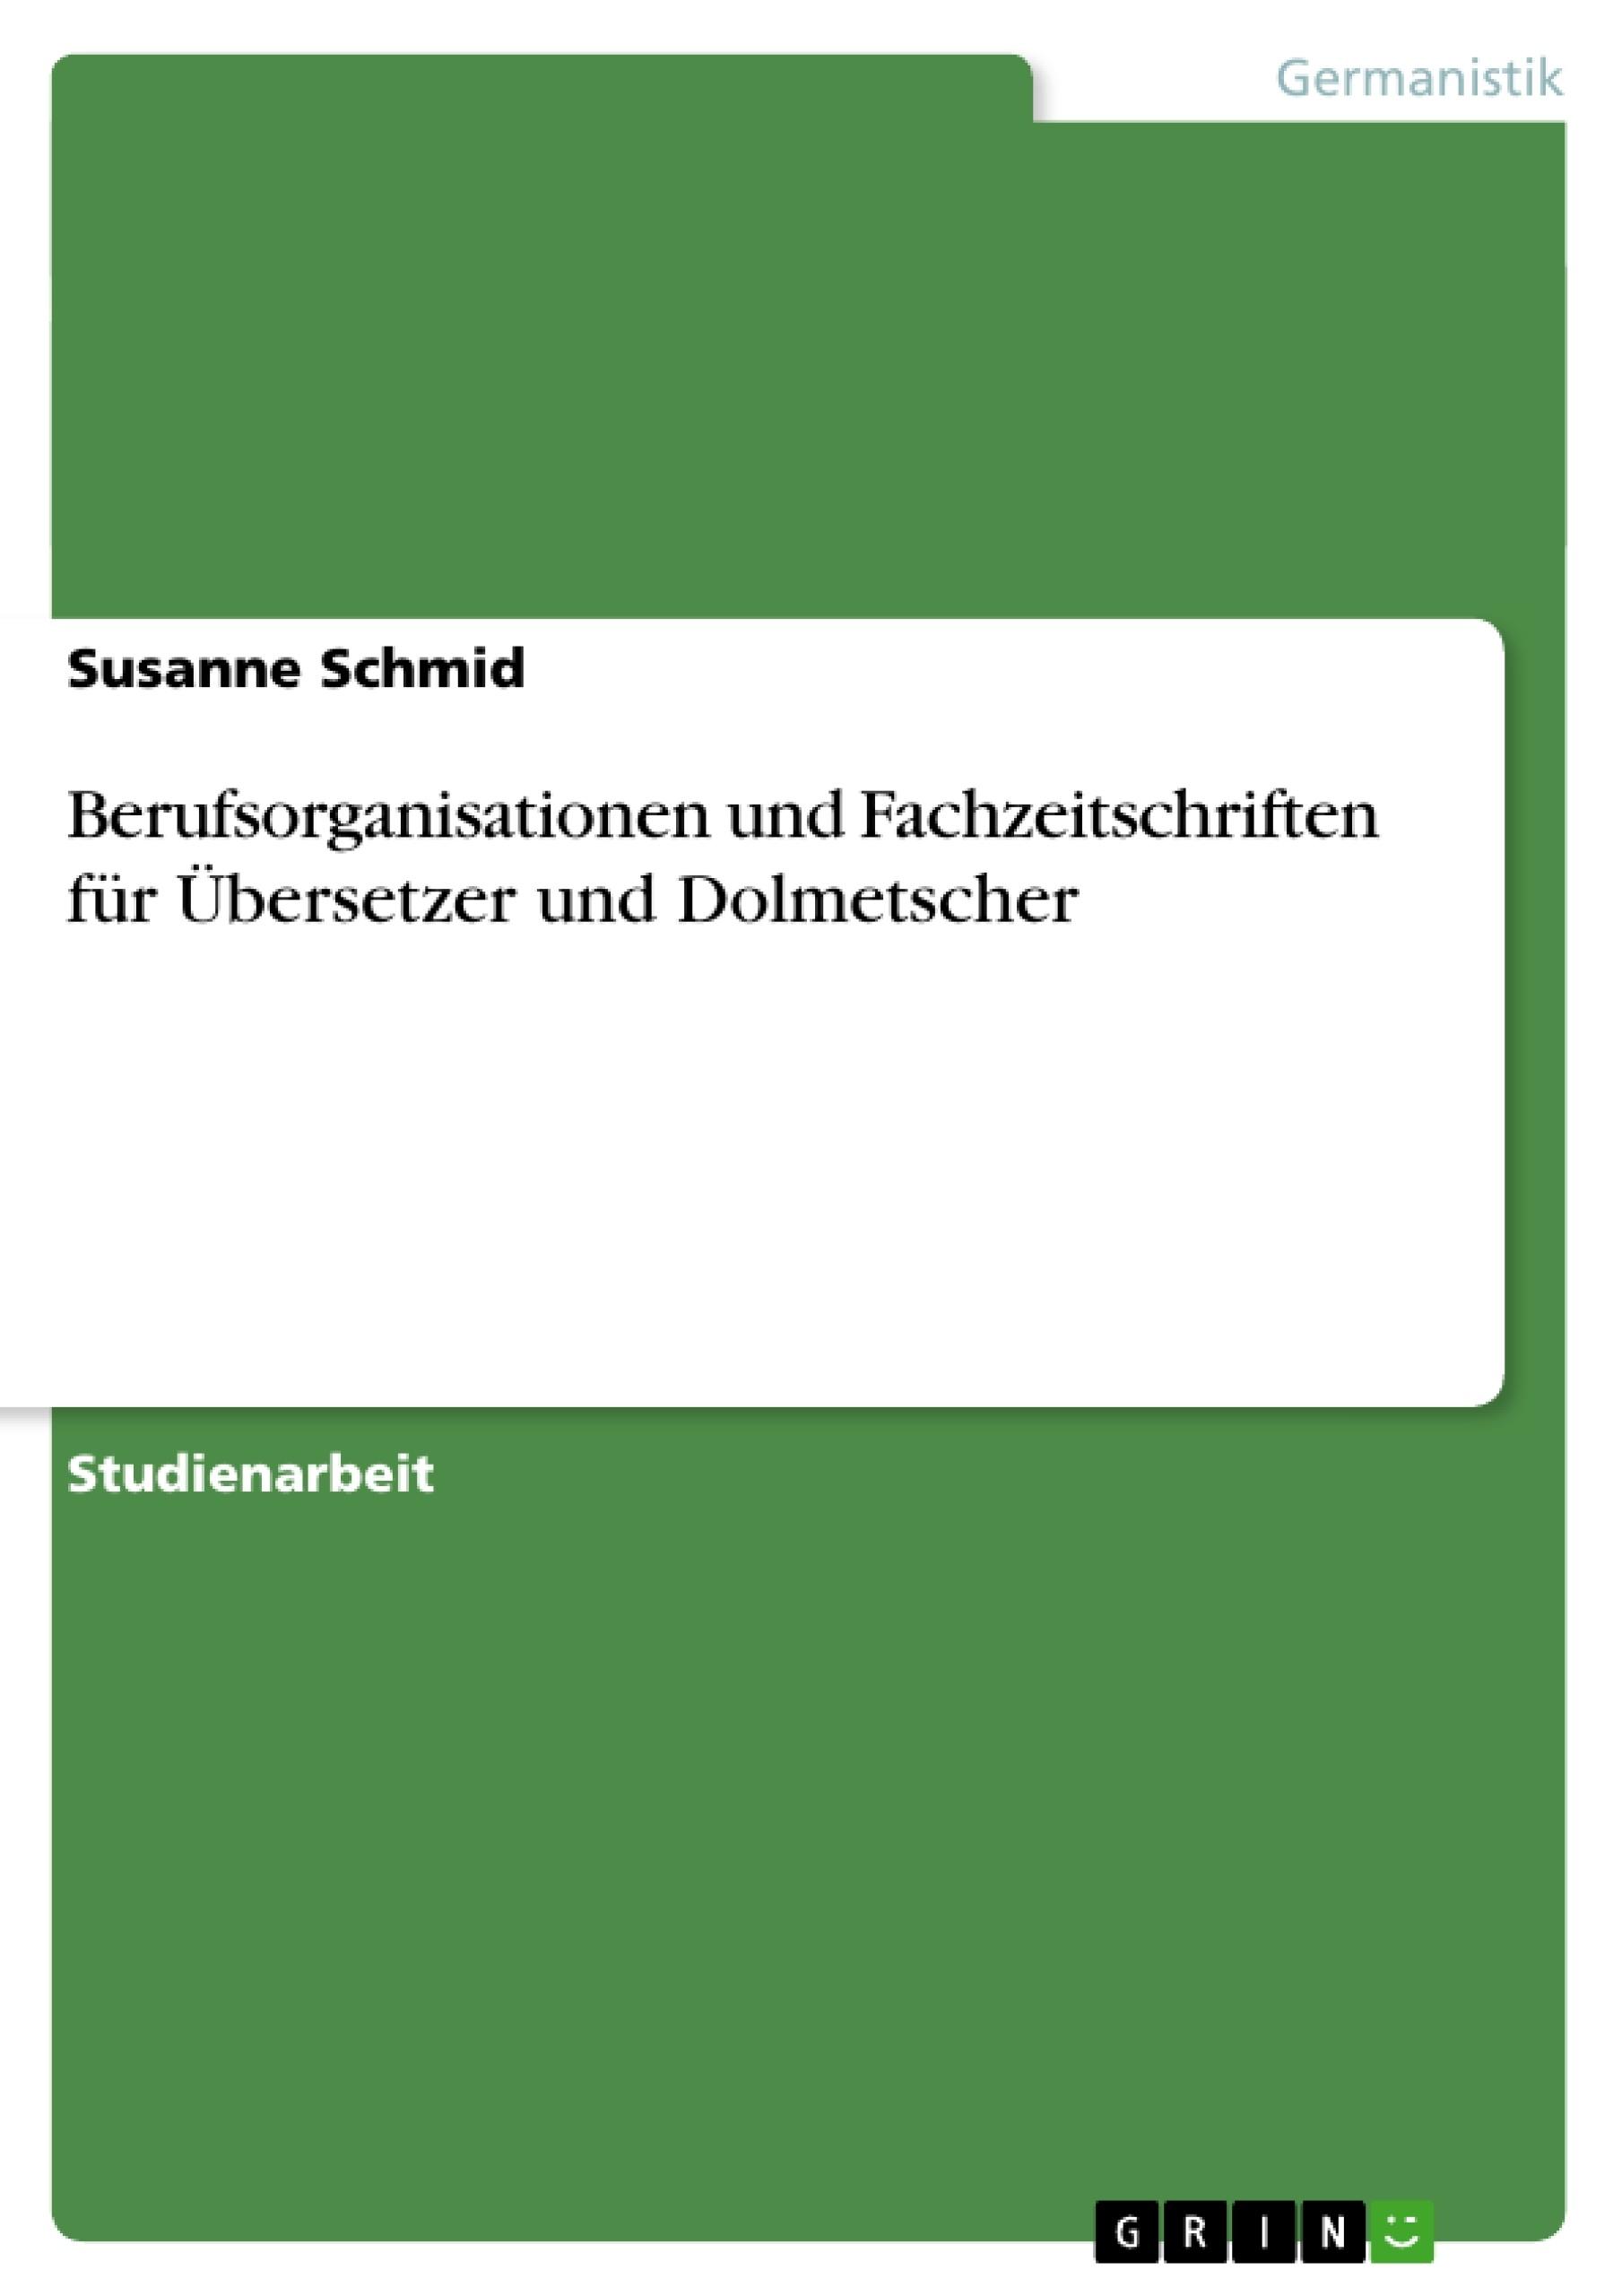 Titel: Berufsorganisationen und Fachzeitschriften für Übersetzer und Dolmetscher